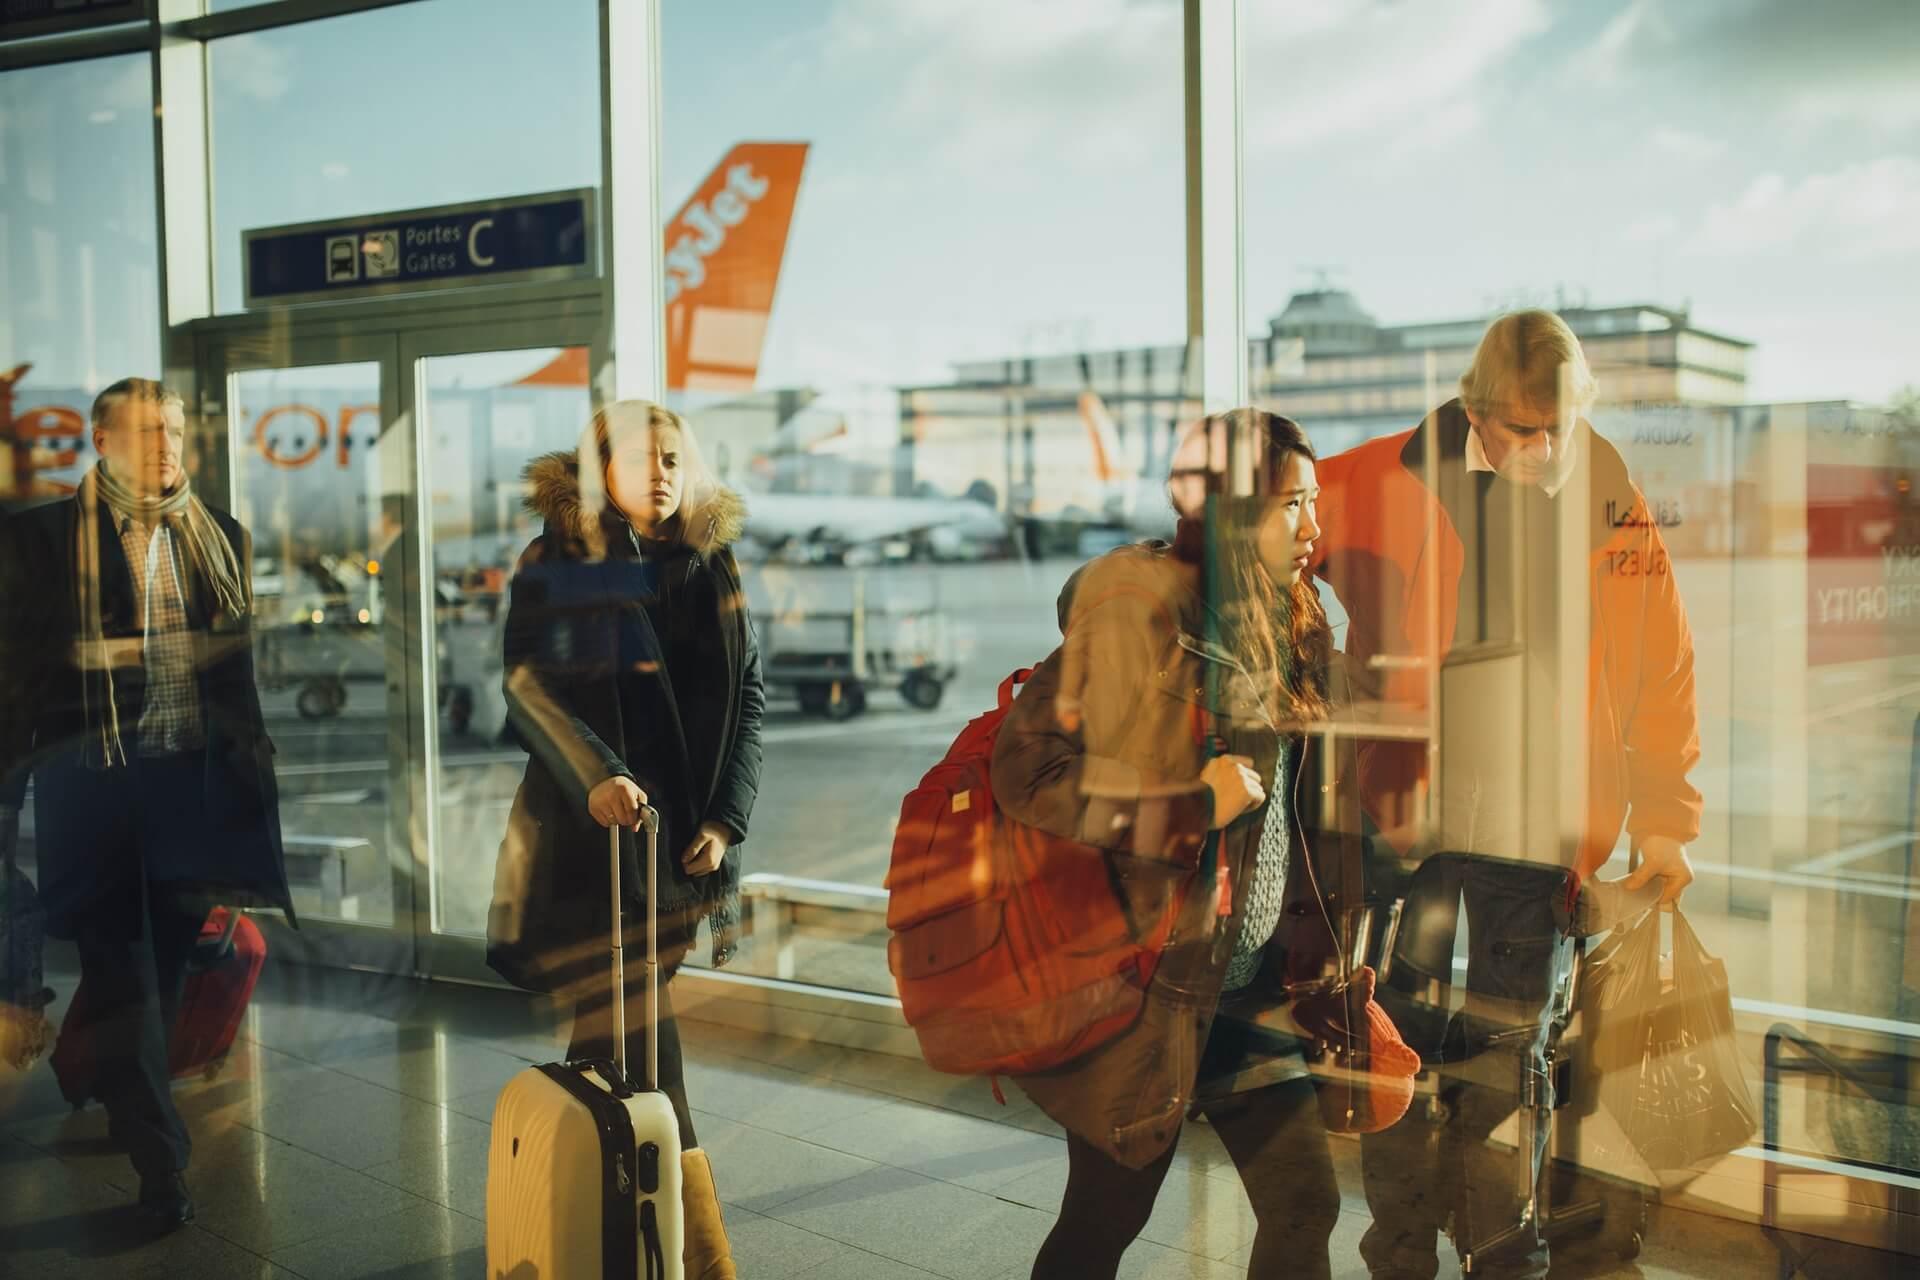 Saiba o se você tem direito à Indenização por Dano Moral e Material da Companhia Aérea em caso de extravio/perda de bagagem.